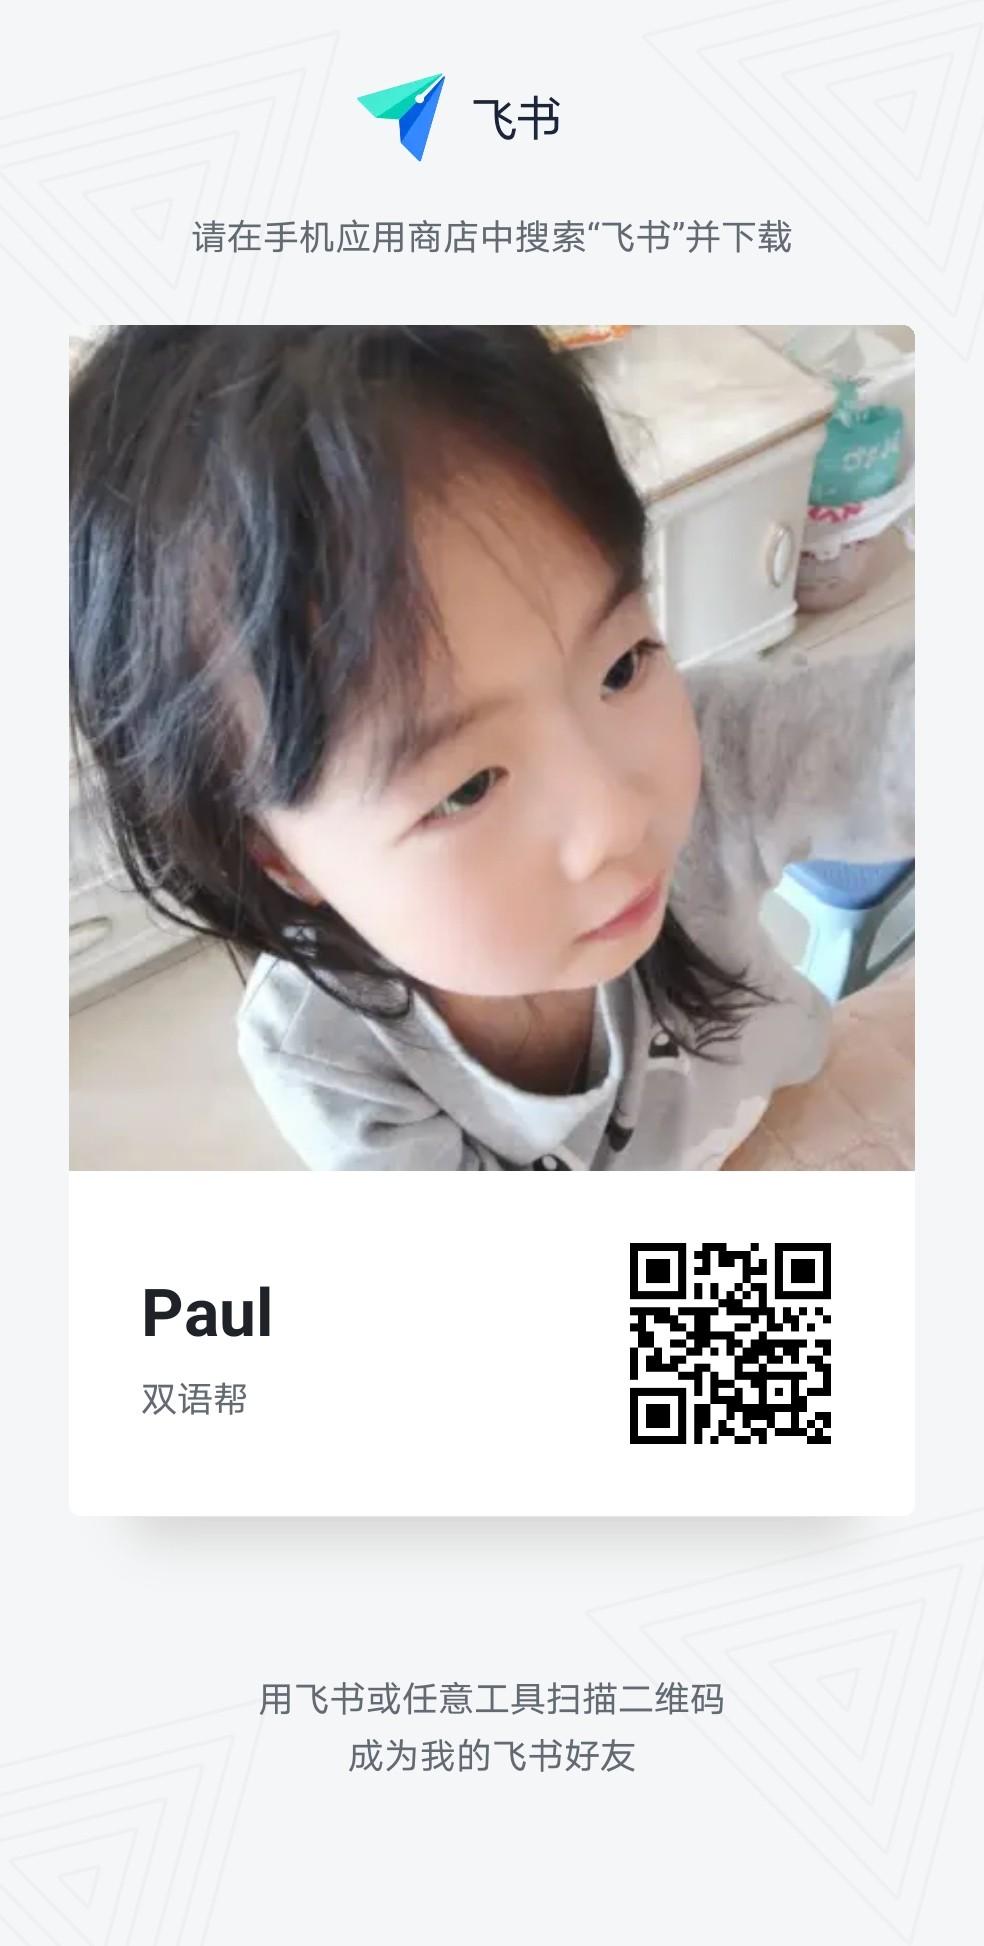 PaulWang